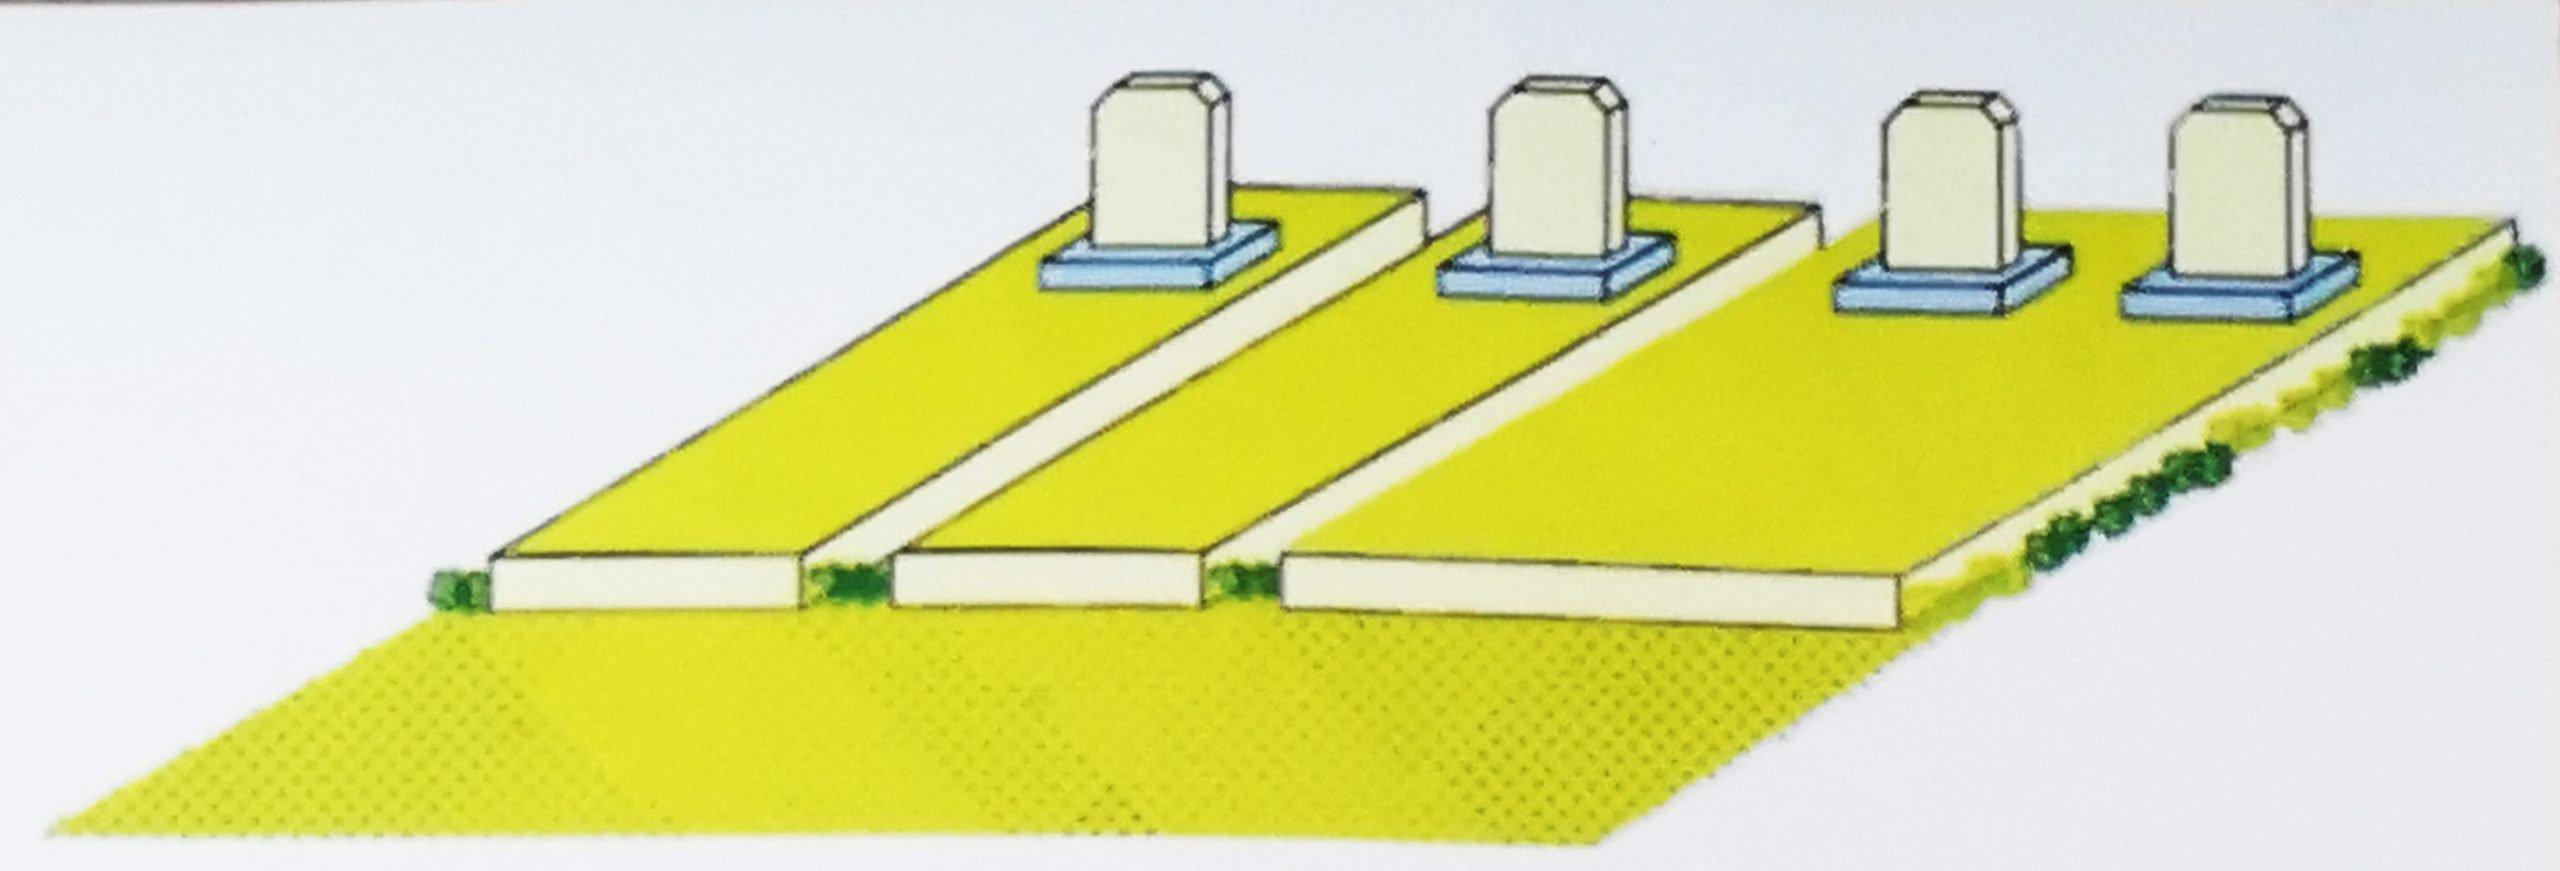 Isometric view1